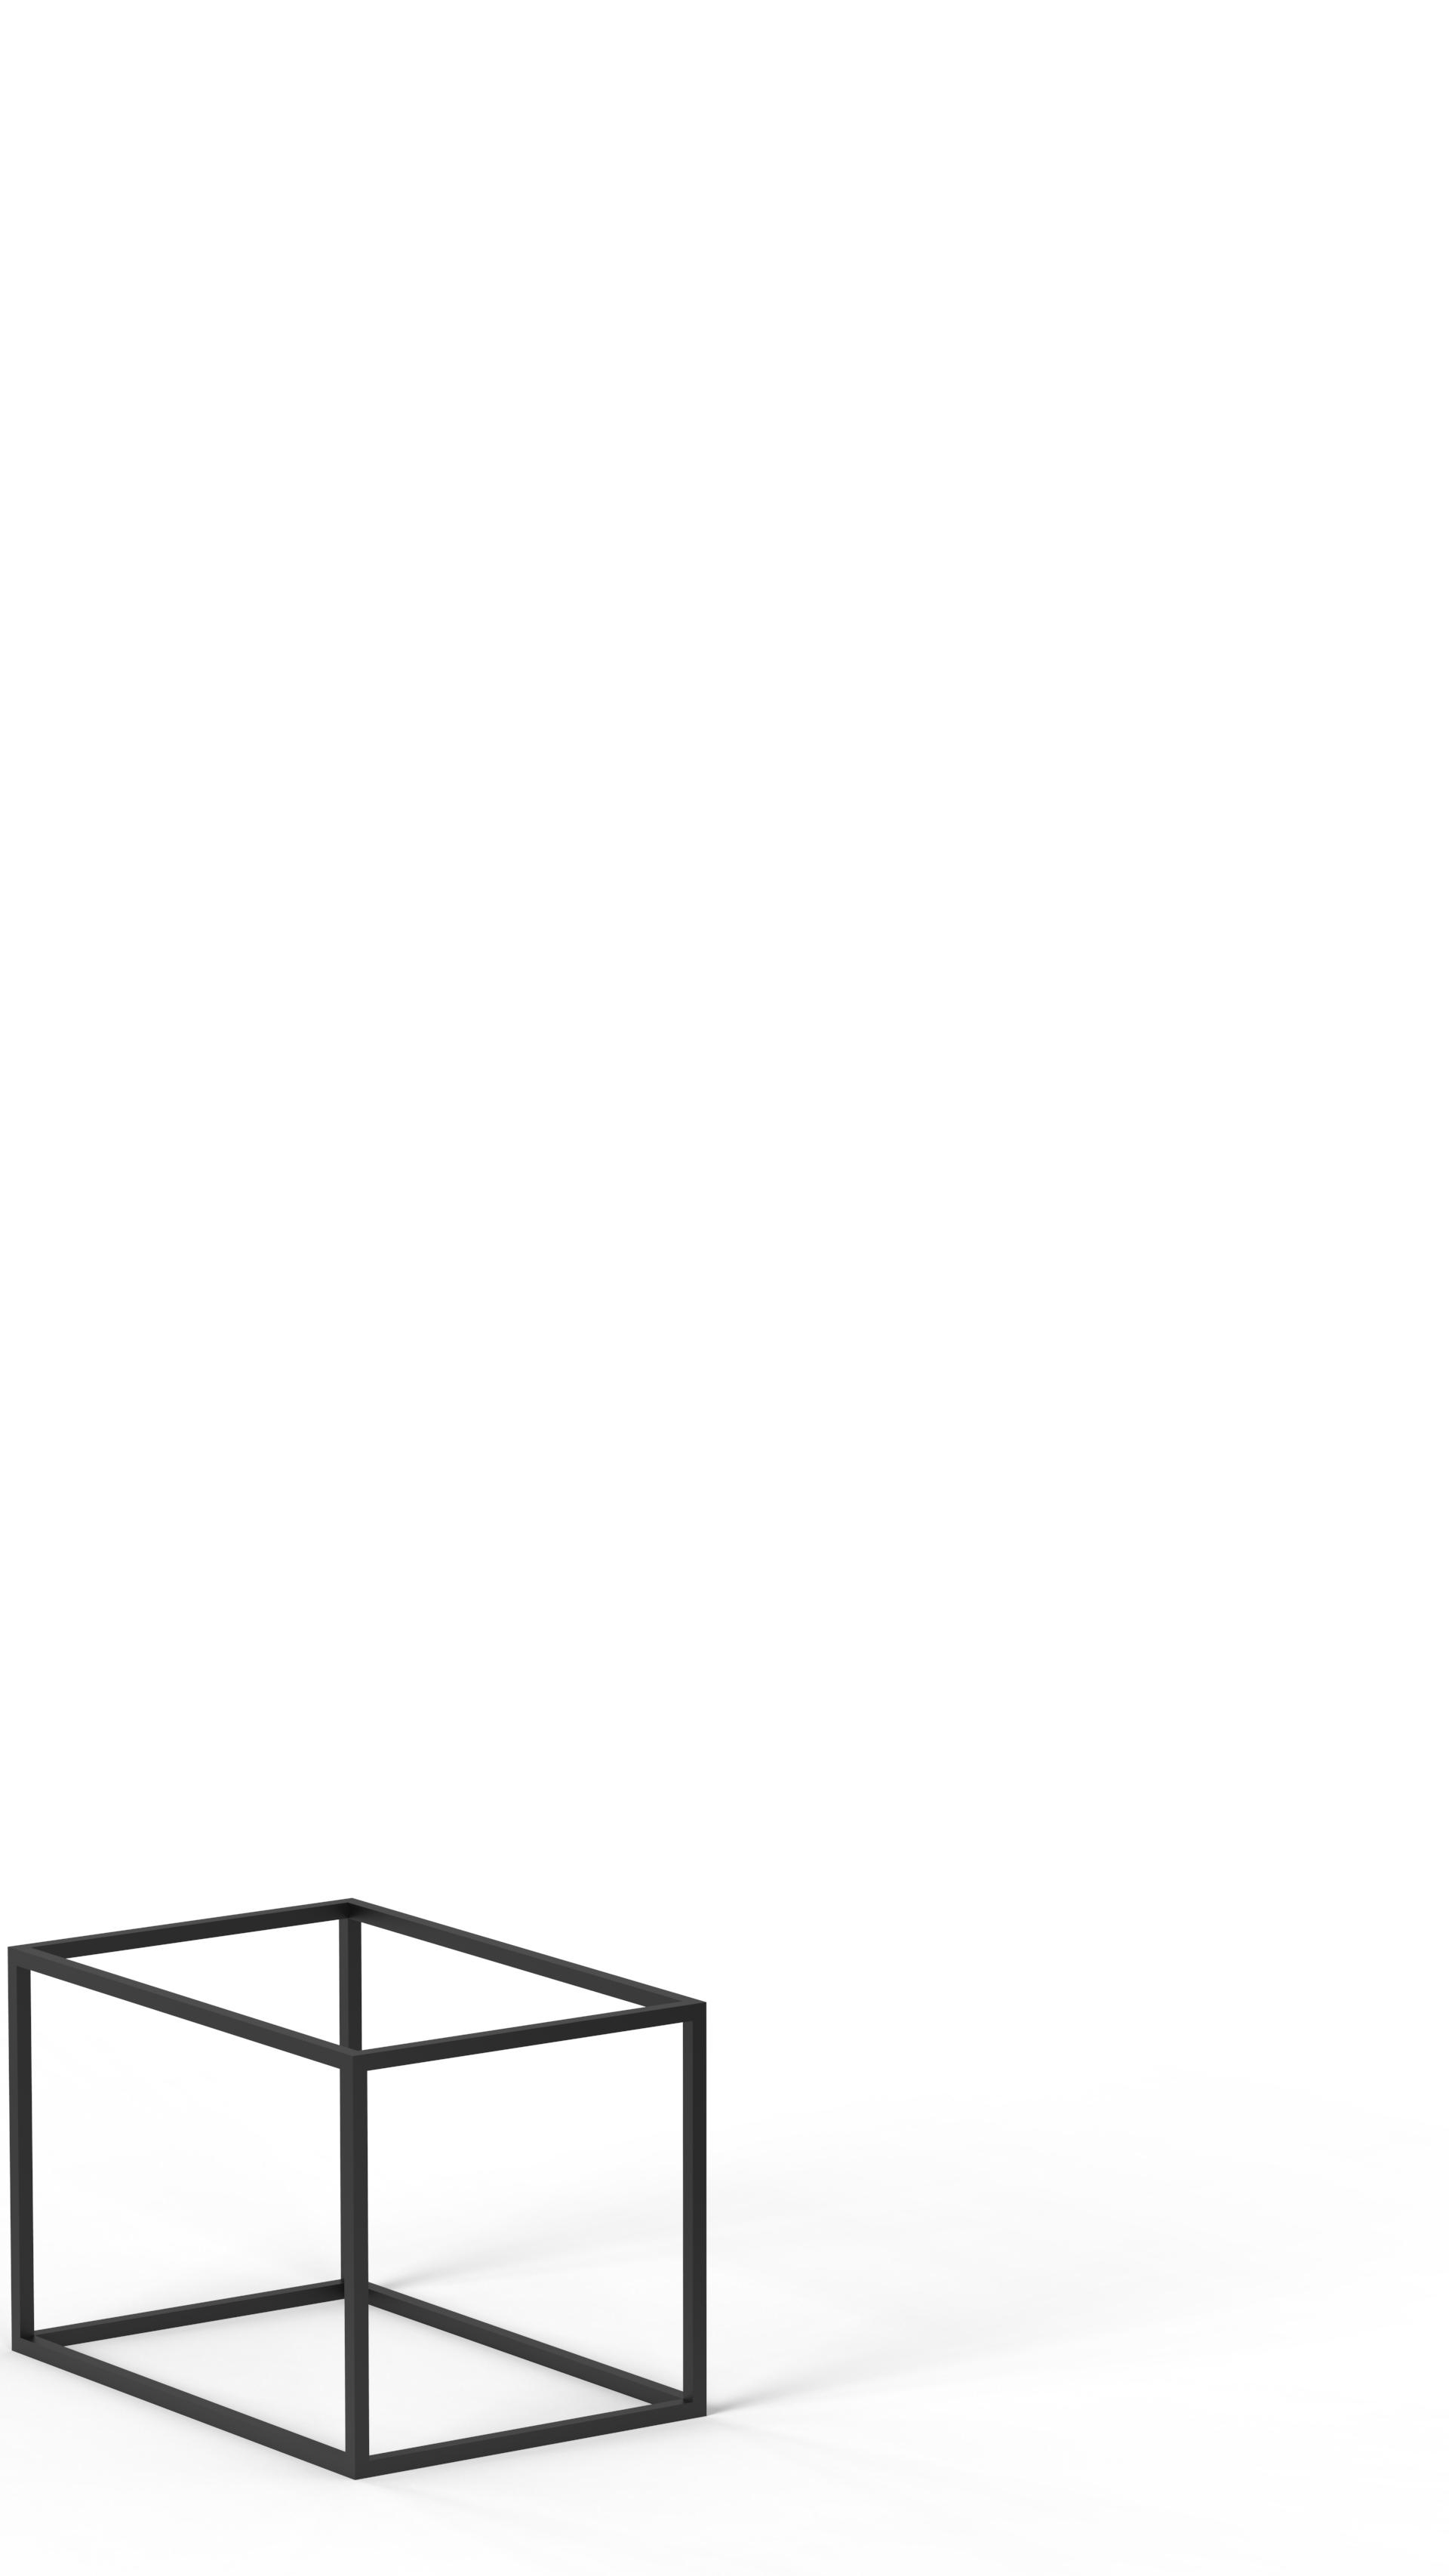 INITCAG30X20 Présentoir polyvalent cage SAINT-HONORÉ PARIS